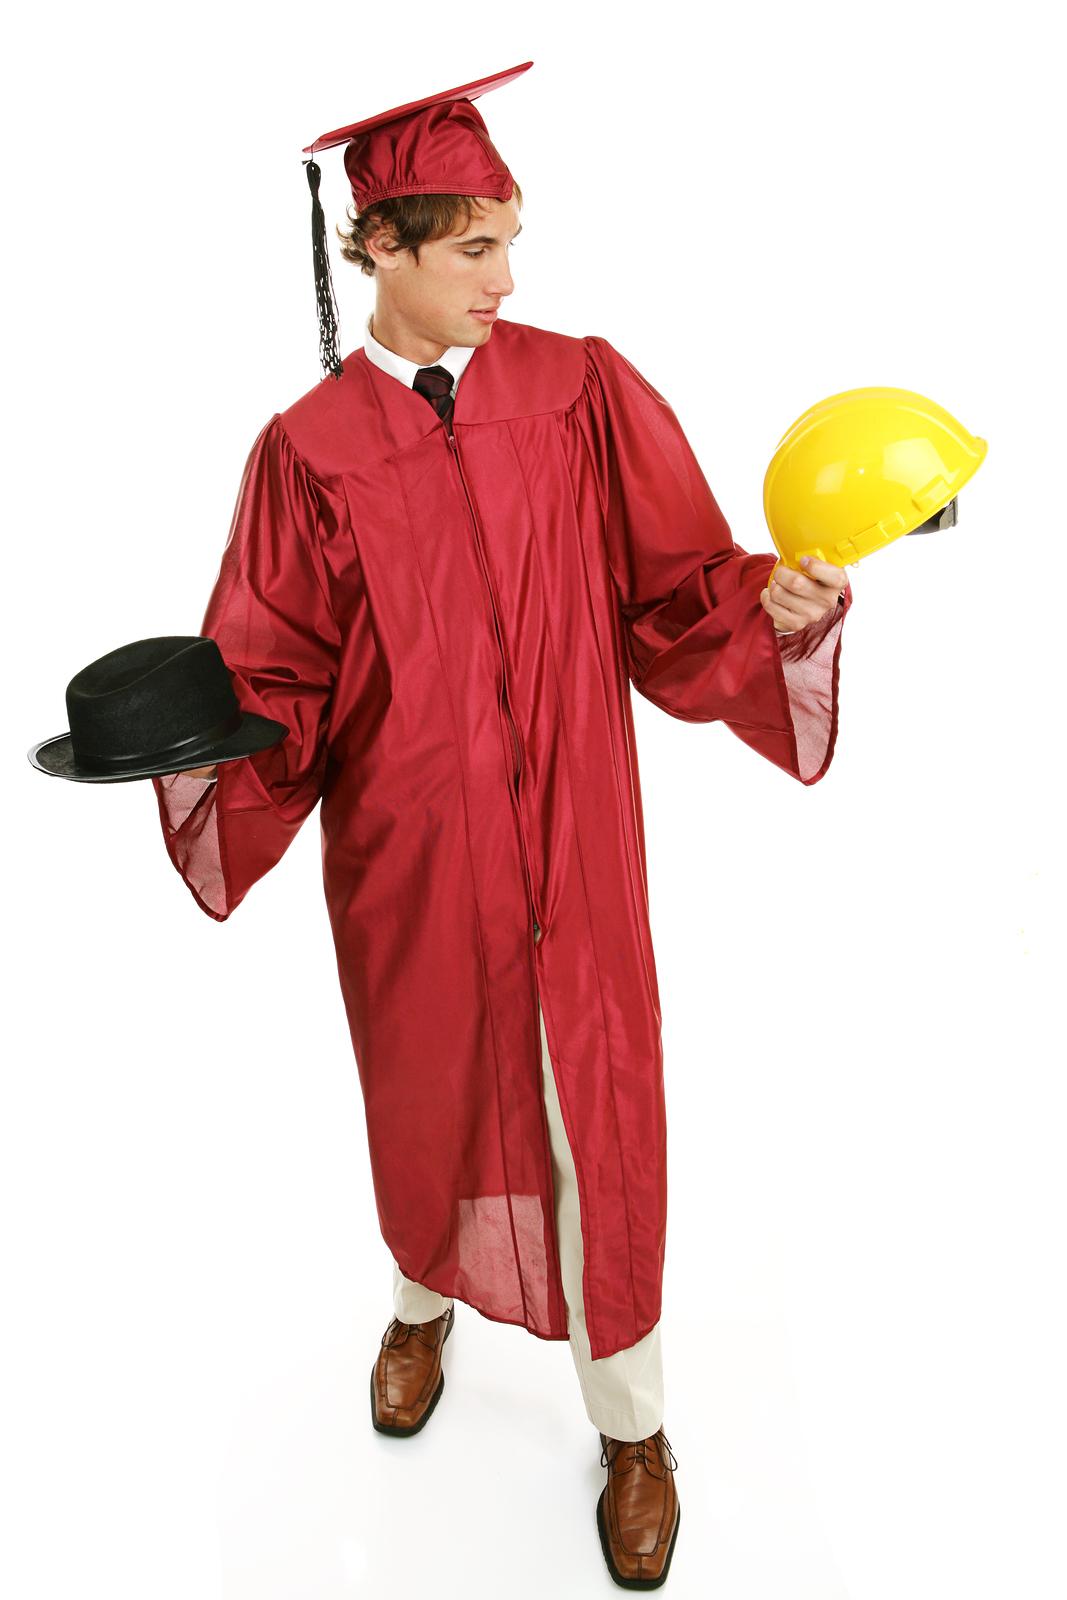 Fancy dress ideas workplace violence